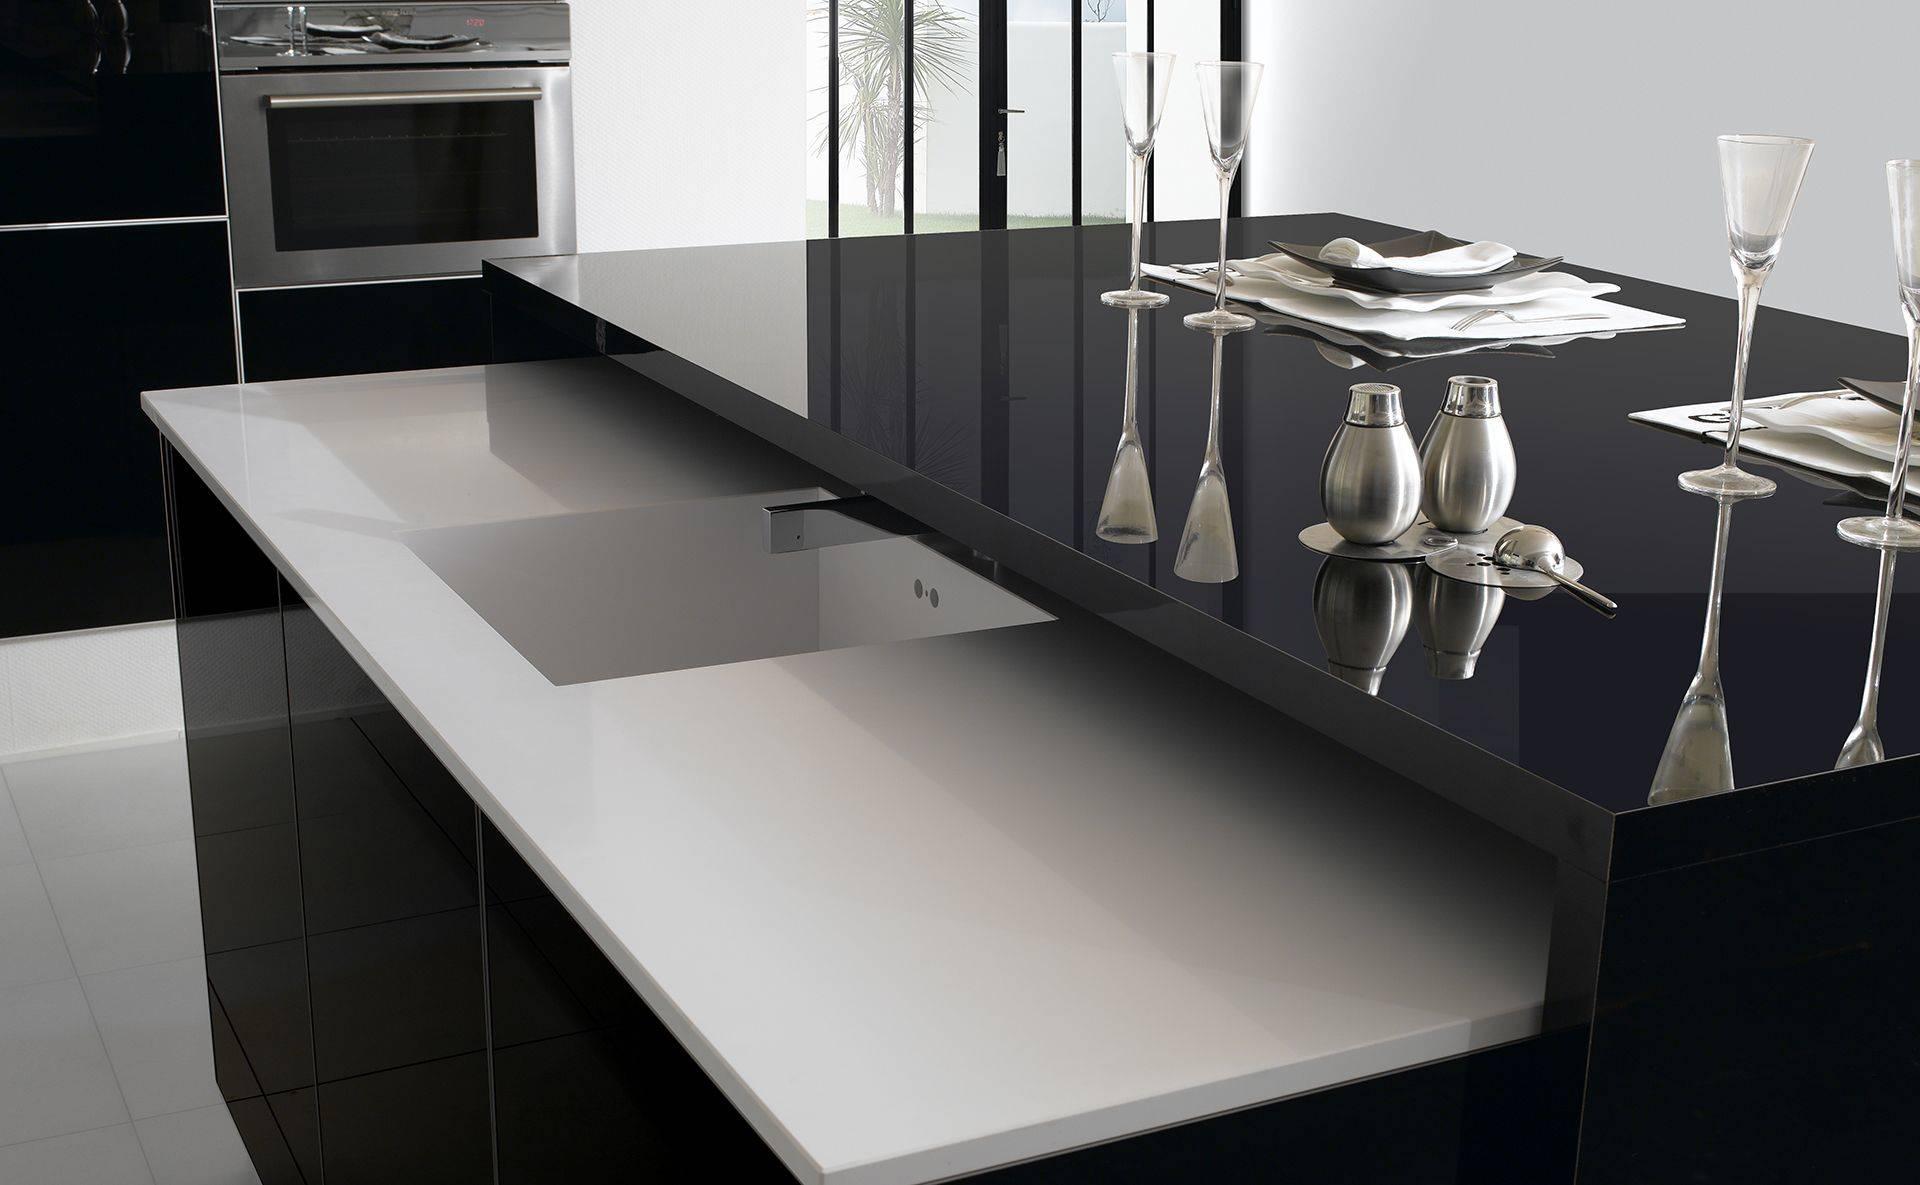 Cuisine ariane noir gloss design et sur mesure par for Table escamotable cuisine tiroir